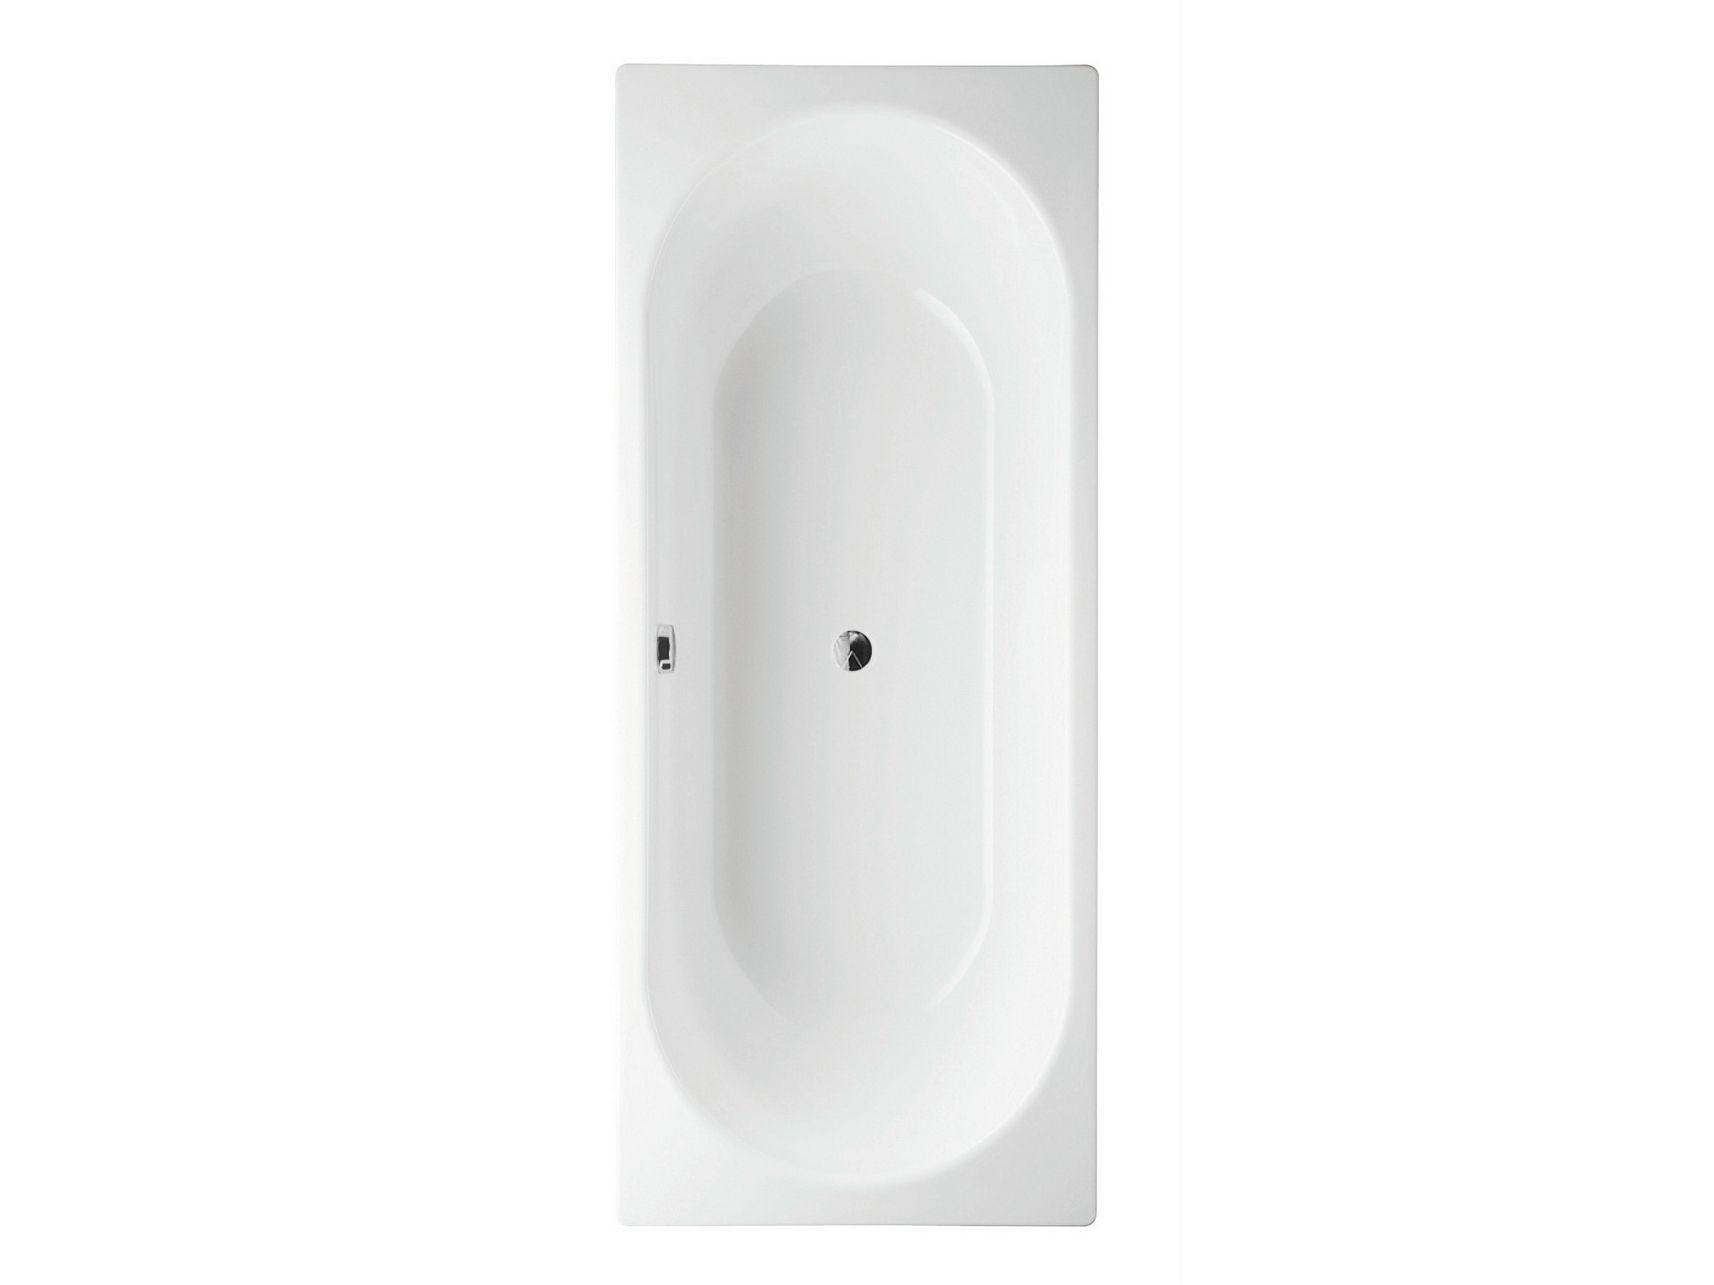 Vasca da bagno in acciaio smaltato da incasso bettestarlet by bette - Vasche da bagno in acciaio smaltato ...